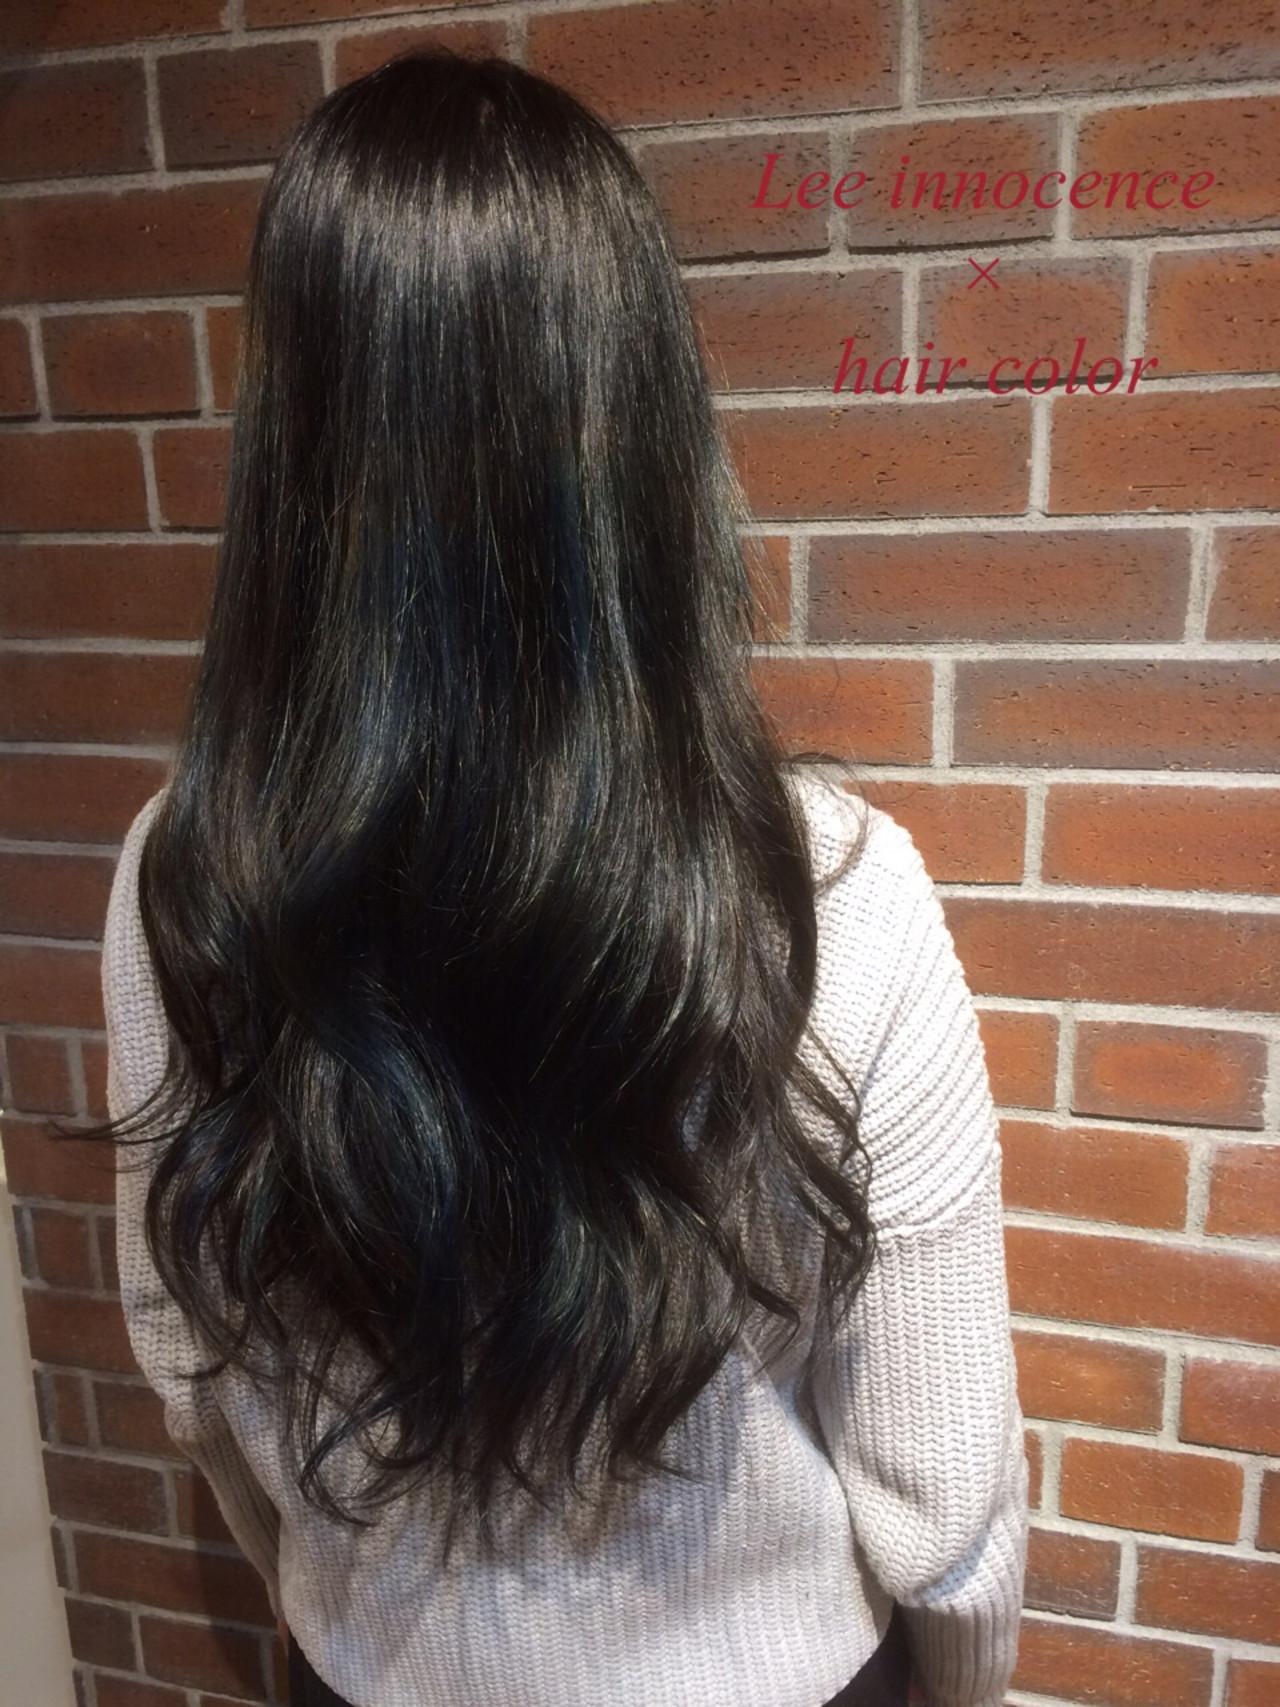 ハイライト 暗髪 ロング 外国人風 ヘアスタイルや髪型の写真・画像